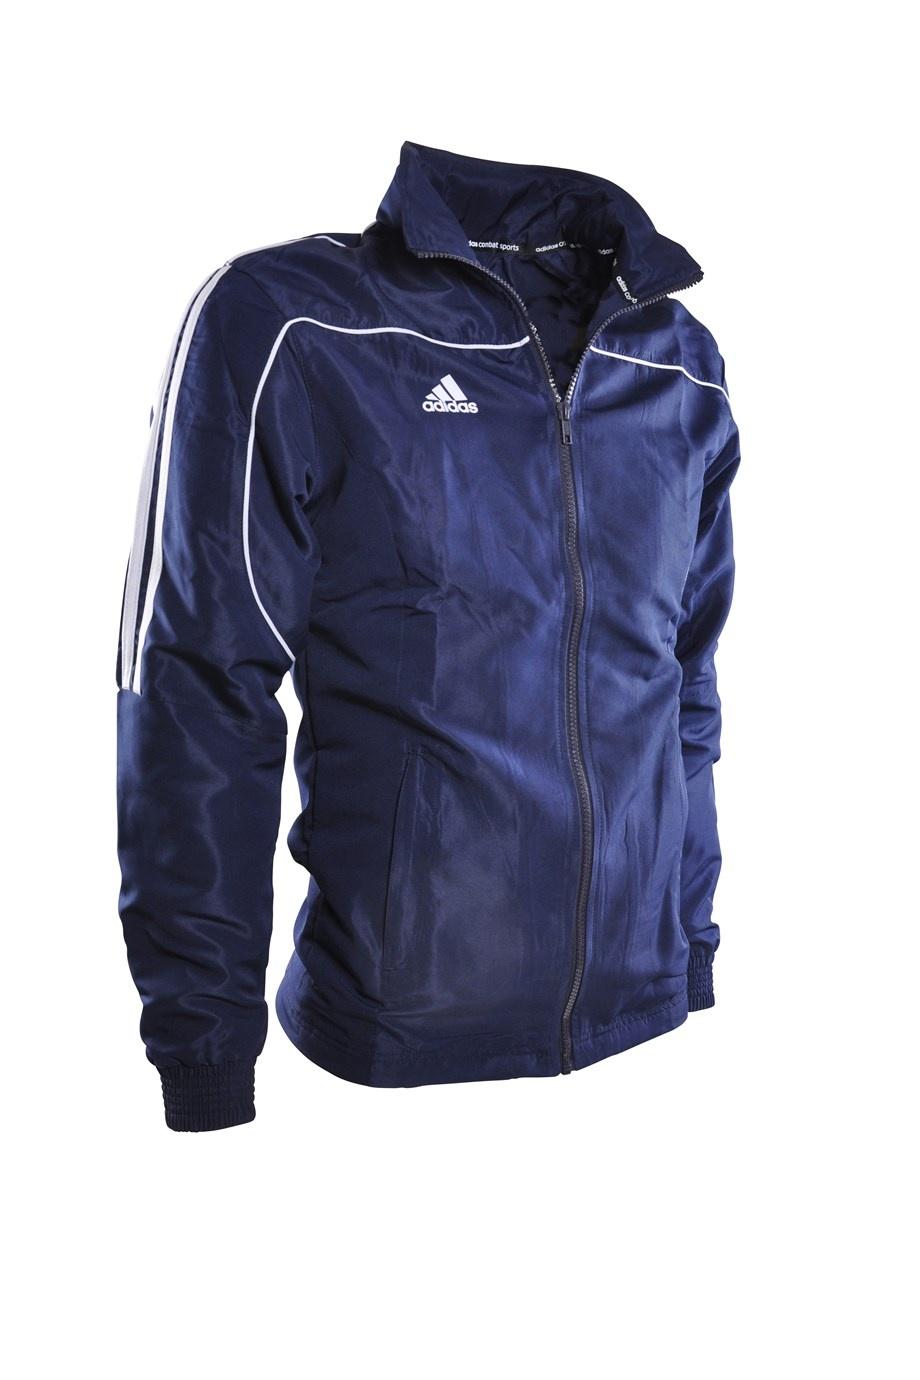 7b72d101f31 adidas trainingsjack Team Track blauw - Internet-Sport&Casuals